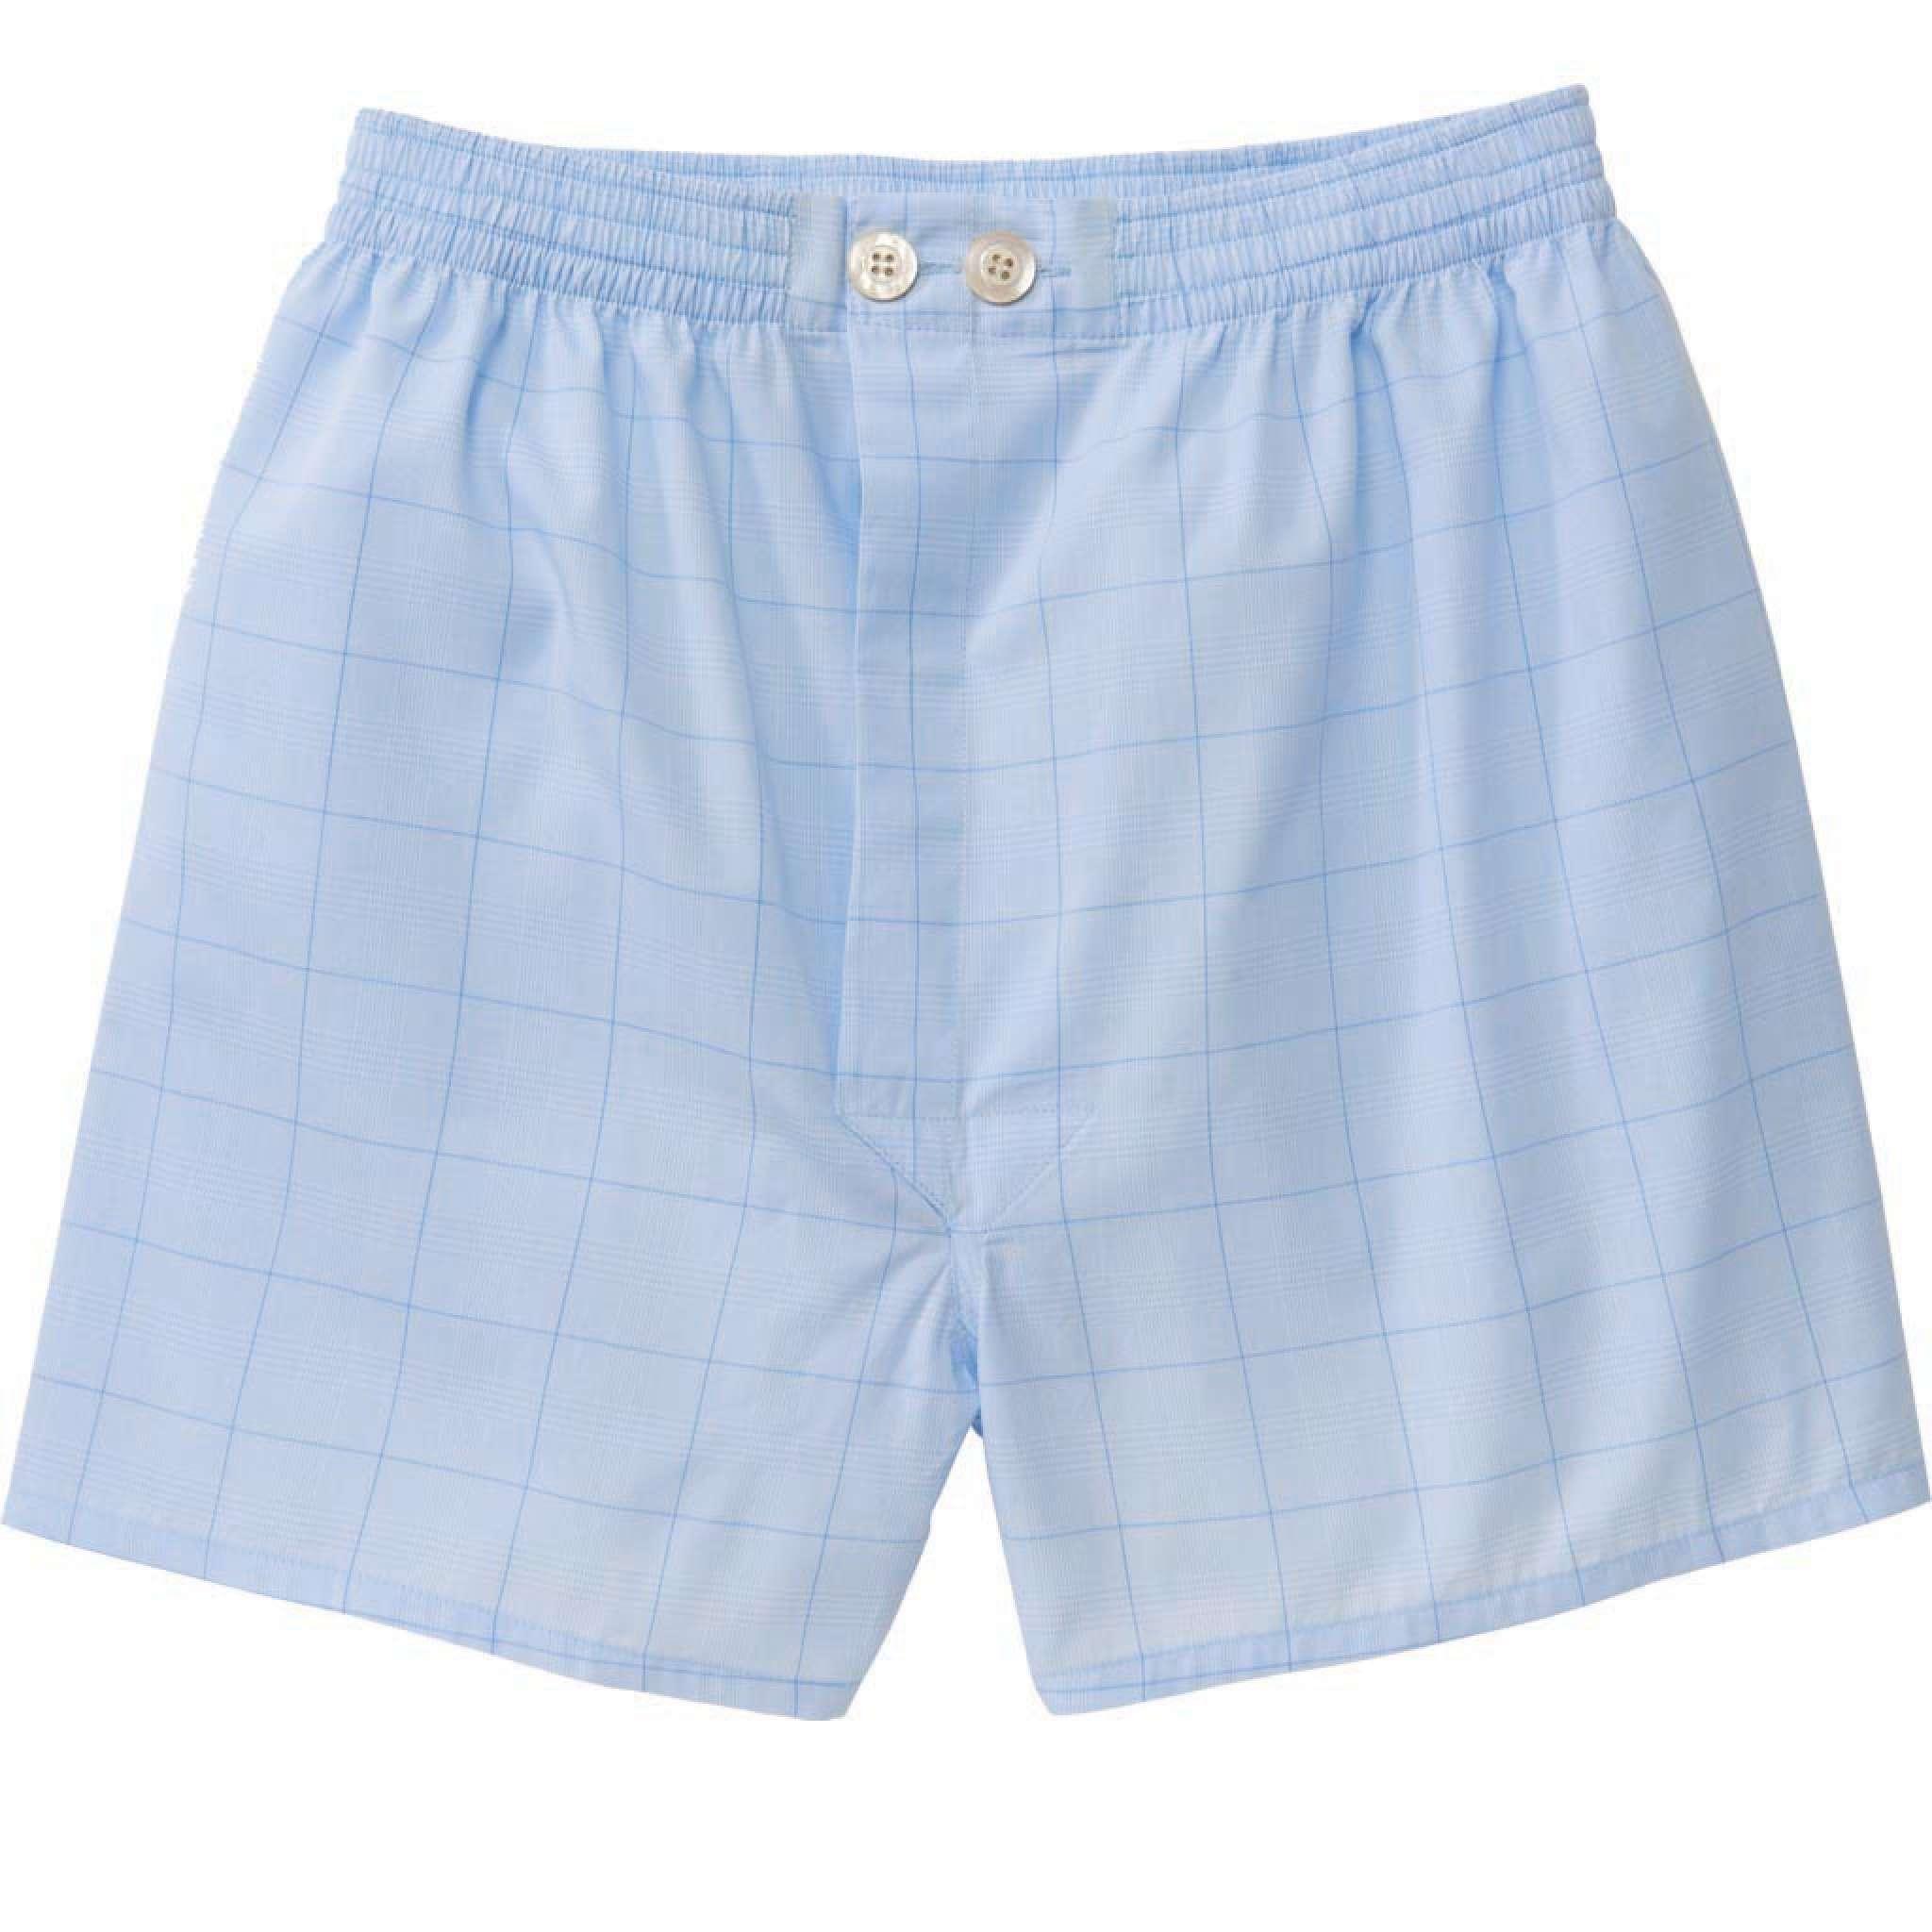 Sommer-Pyjama Shorts, Erwachsene